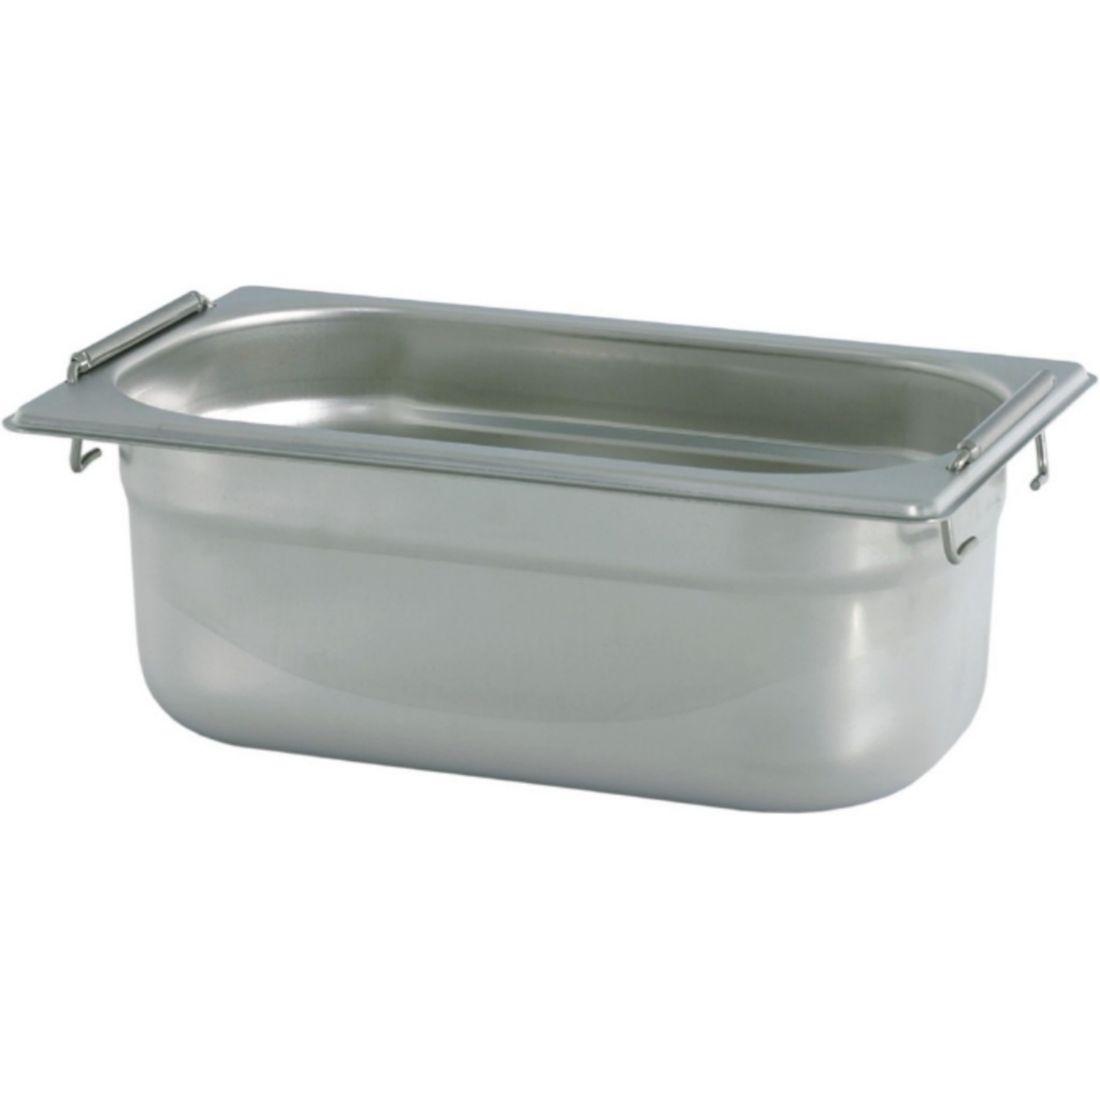 Gastronádoba Profi se sklápěcími úchyty GN 1/4 040 mm